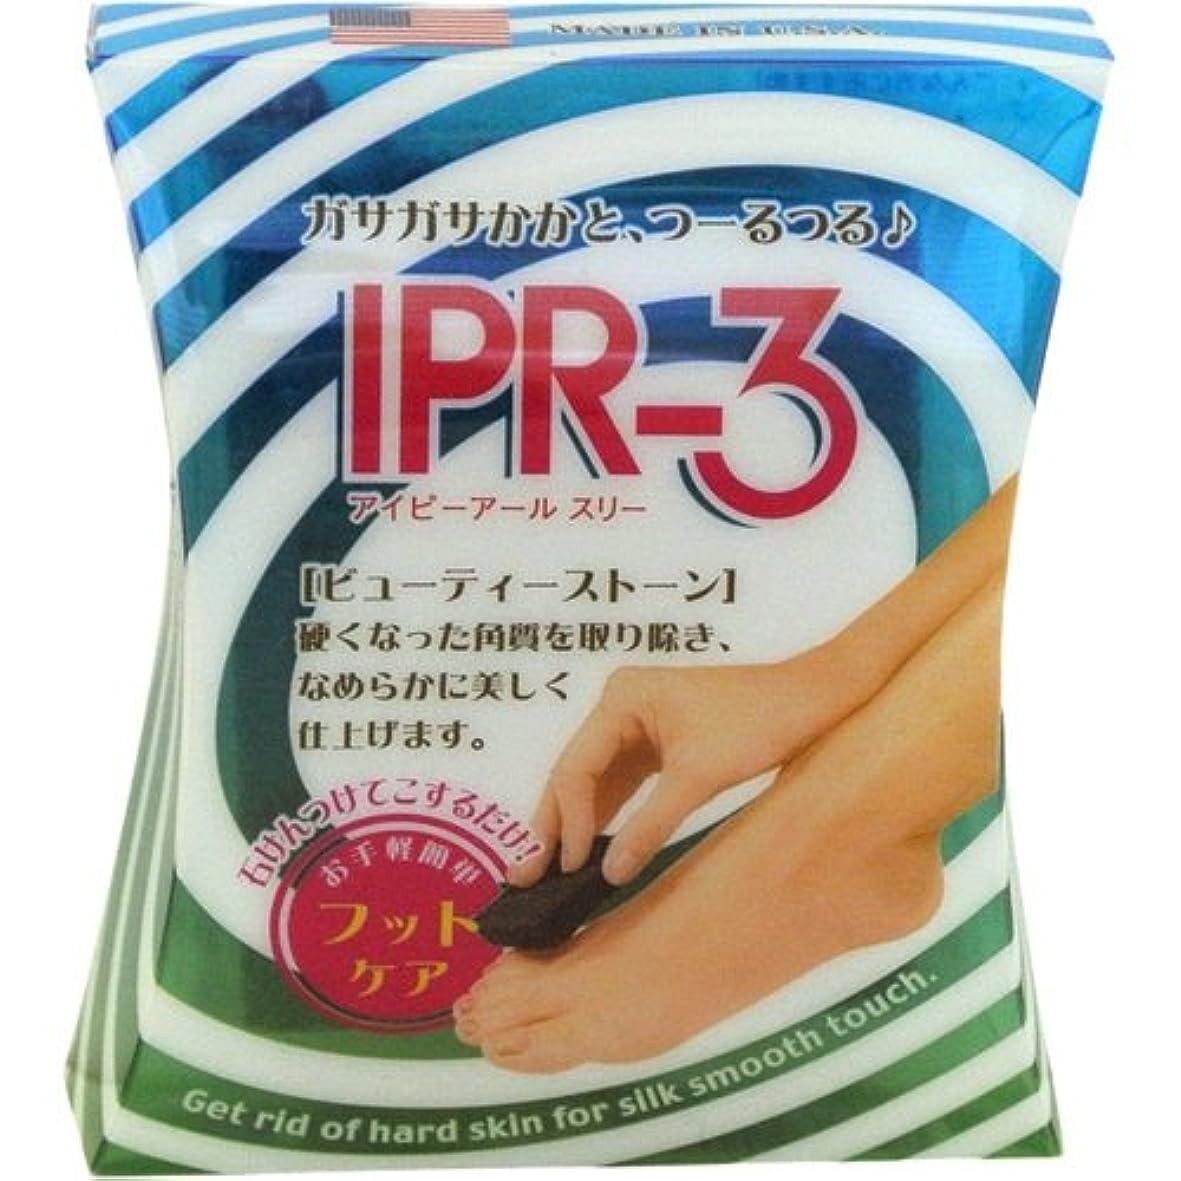 政策抽象化テレビ局IPR-3(アイピーアールスリー) ビューティーストーン